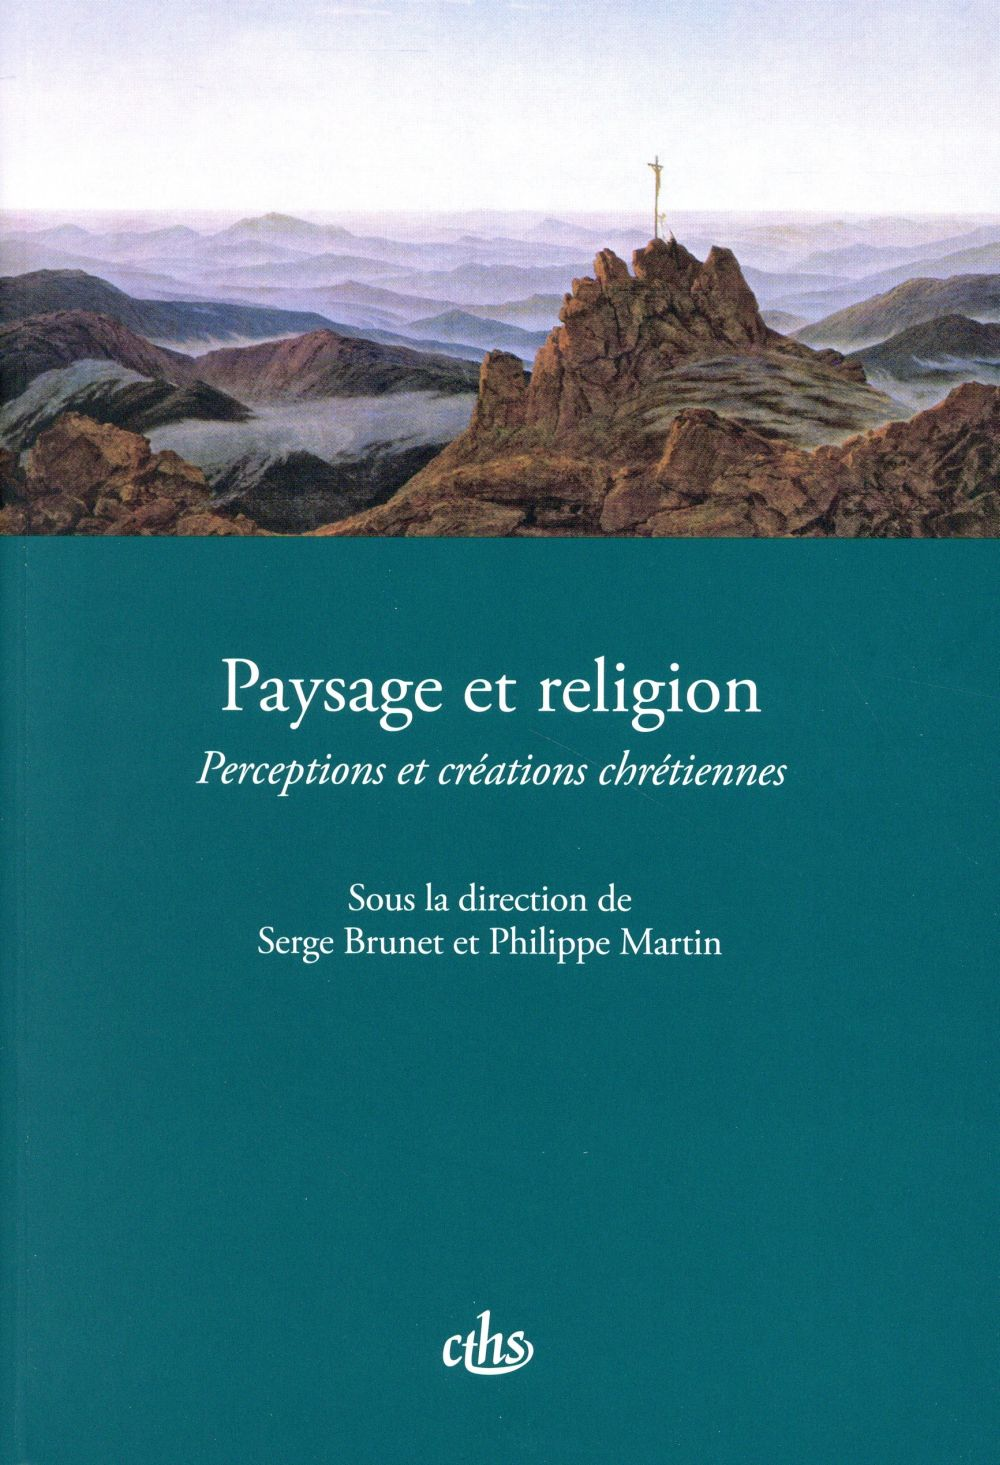 Paysage et religion